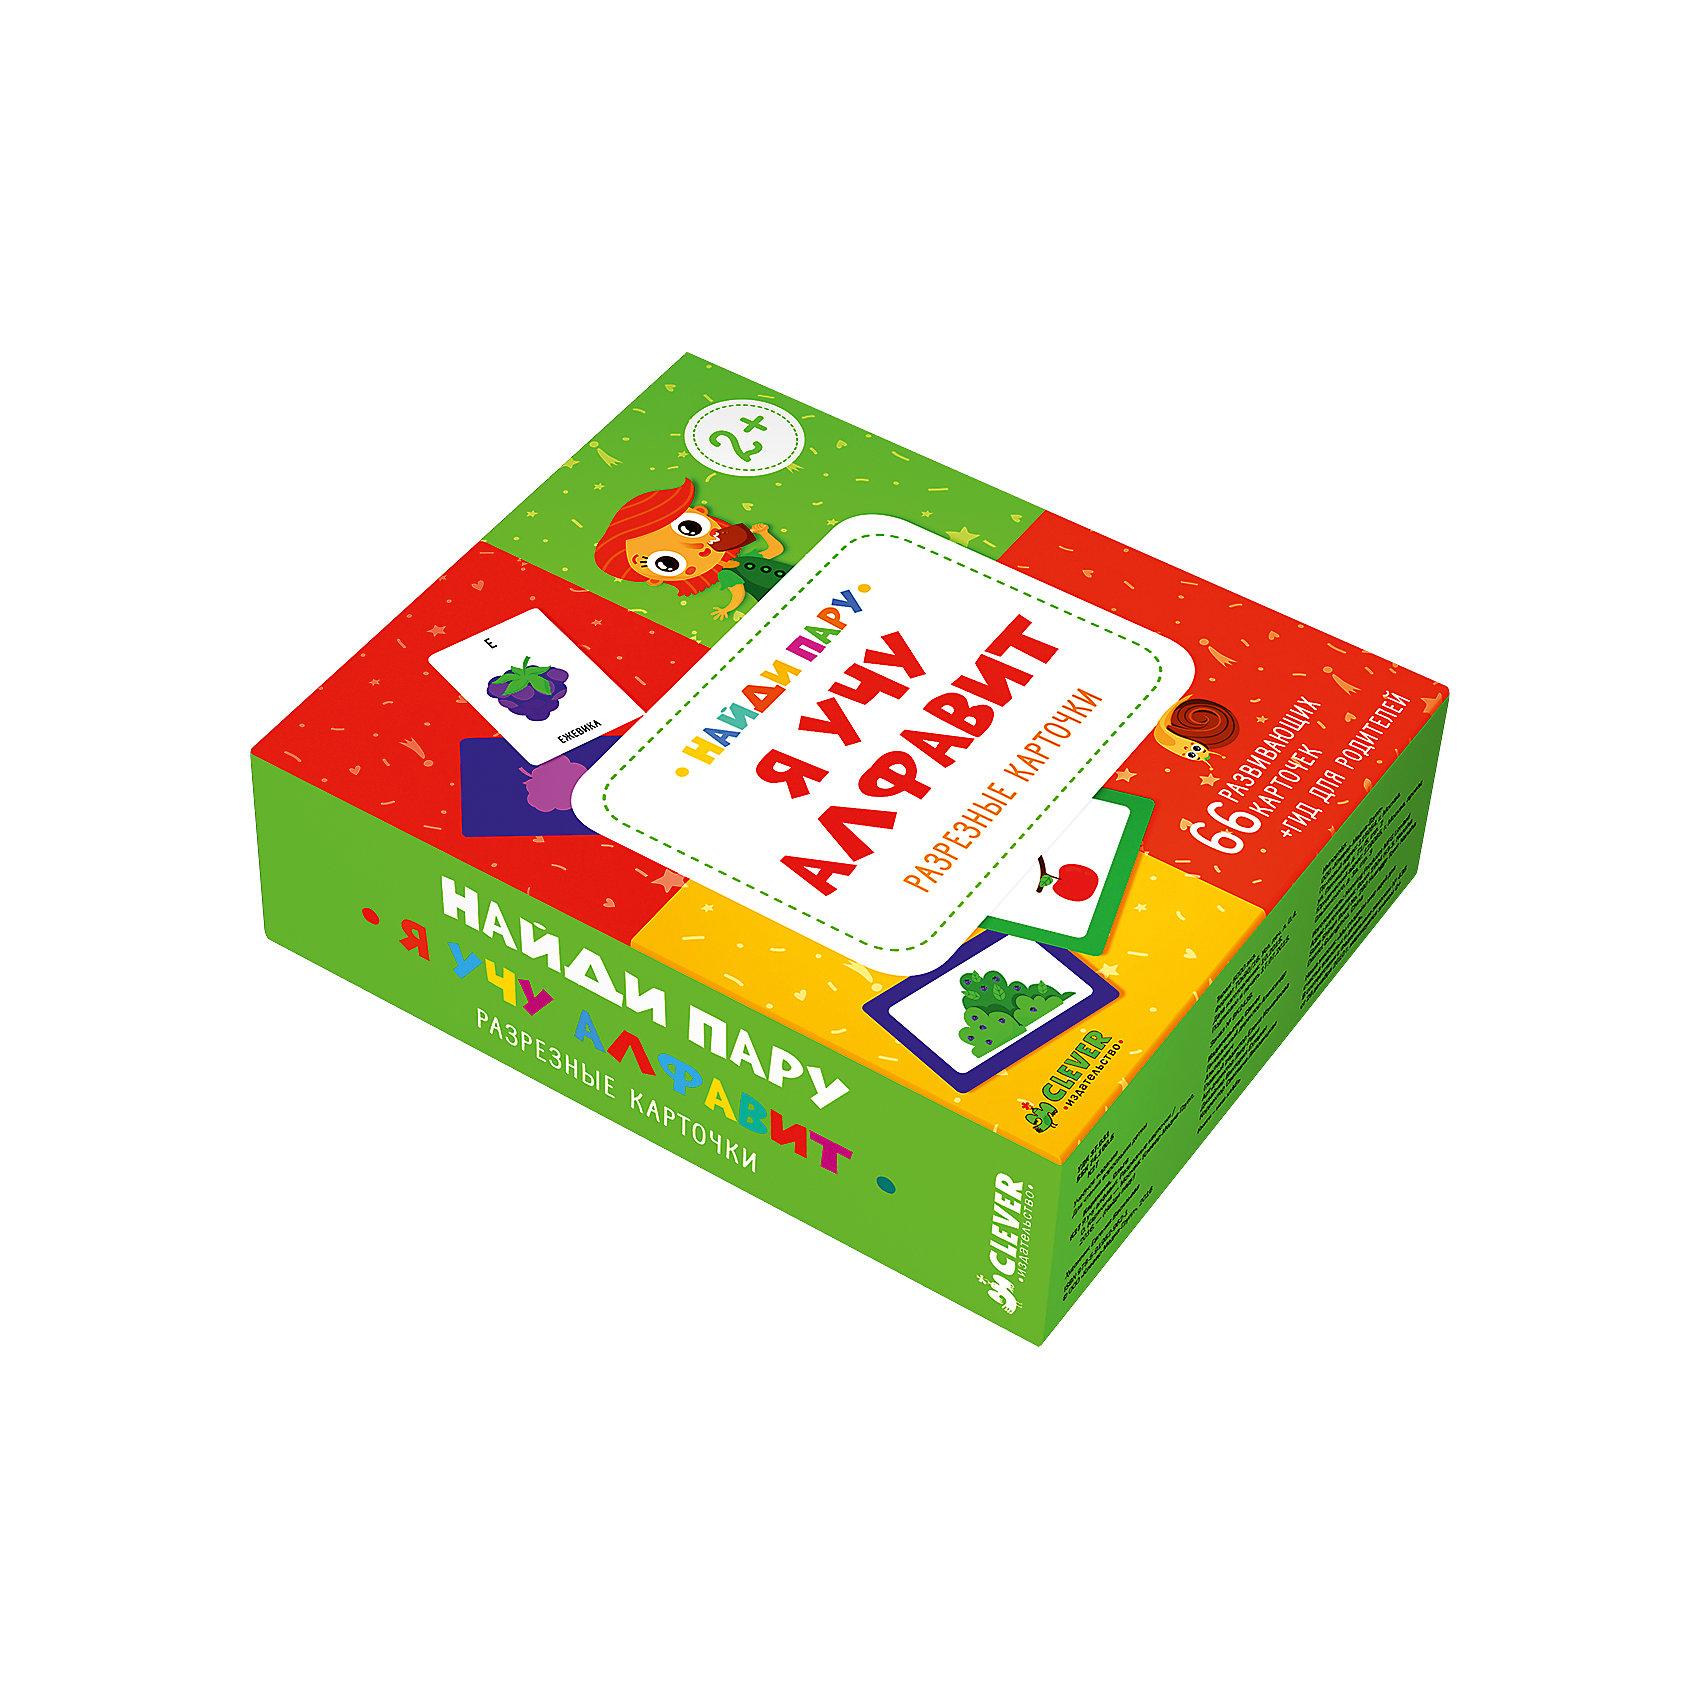 Разрезные карточки Я учу алфавит, О. КарякинаКарточки - очень удобная форма для запоминания нового! Интеллект и словарный запас ребенка нужно развивать - и тогда он в дальнейшем сможет освоить больше полезных навыков. Сделать это занятие интересным и легким поможет данное издание.<br>В нем с помощью ярких картинок и их силуэтов можно легко познакомить ребенка со многими предметами, дать ему поток новых слов и выражений. Тажке с помощью собирания разрезных карточек в игровой форме ребенок получает знания в игровой форме. Он сможет легко запомнить буквы! Карточки - плотные листы с красочными изображениями, которые малыши с удовольствием рассматривают. Это издание пригодятся для тех, кто хочет вырастить гармоничного человека.<br><br>Дополнительная информация:<br><br>размер: 17 x 15 см;<br>карточек: 66;<br>специально для малышей.<br><br>Разрезные карточки Я учу алфавит, О. Карякина можно купить в нашем интернет-магазине.<br><br>Ширина мм: 167<br>Глубина мм: 145<br>Высота мм: 15<br>Вес г: 725<br>Возраст от месяцев: 0<br>Возраст до месяцев: 36<br>Пол: Унисекс<br>Возраст: Детский<br>SKU: 4976169